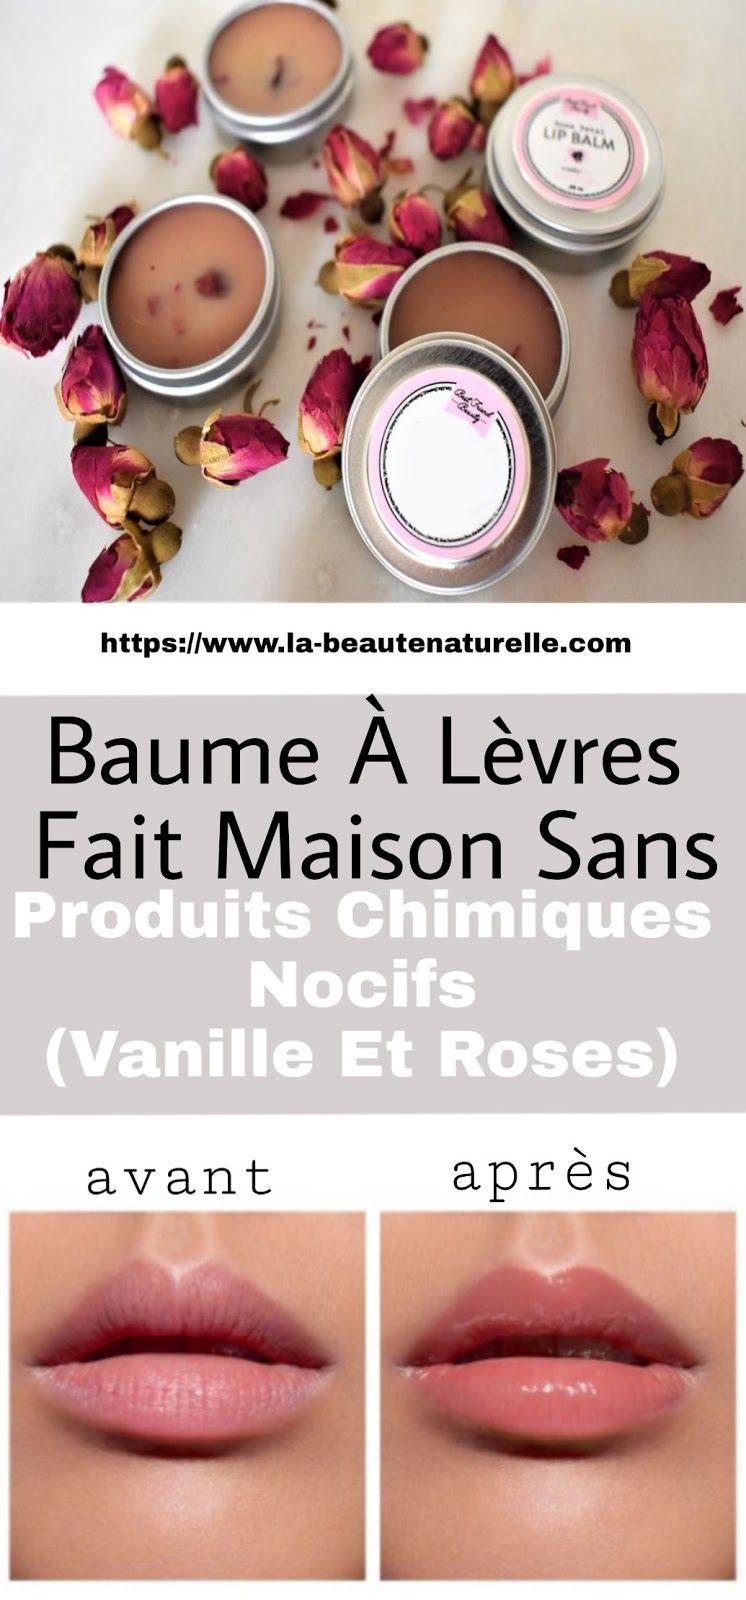 Baume à lèvres fait maison sans produits chimiques nocifs (vanille et roses)   Baume à lèvres ...